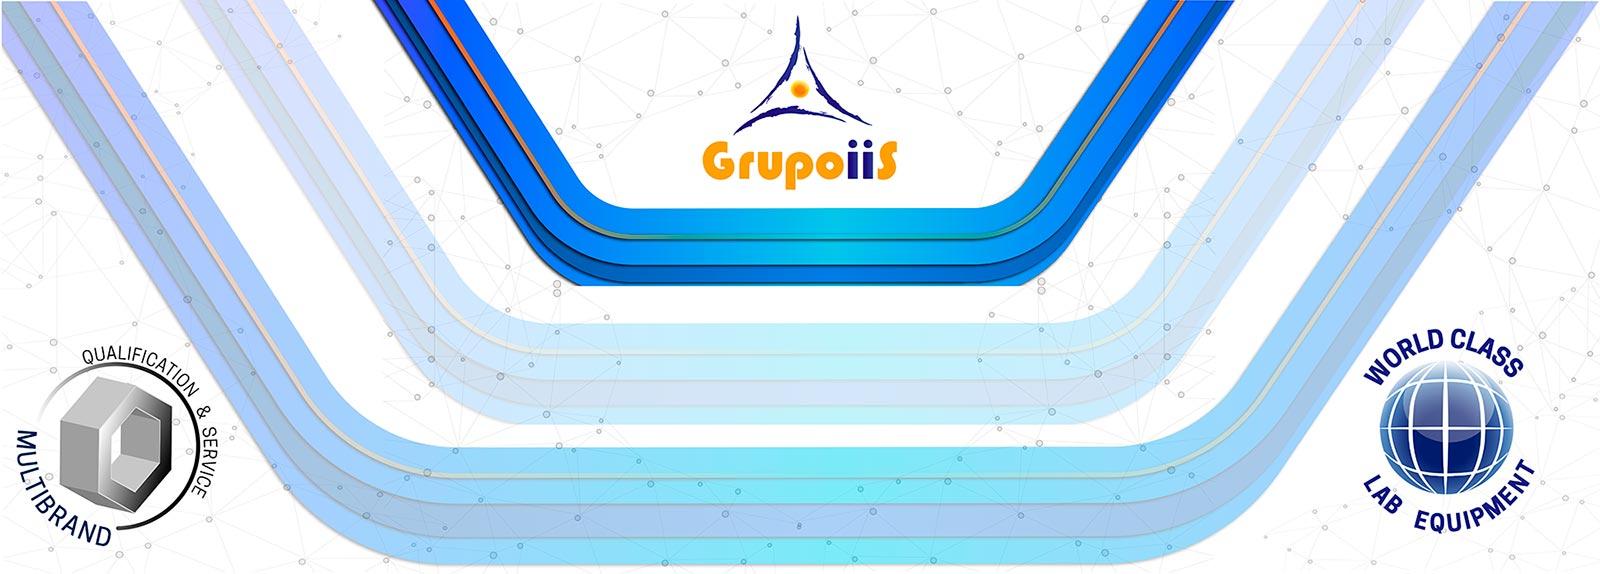 Grupoiis empresa acreditada ante la ema en calibración y calificación TOC